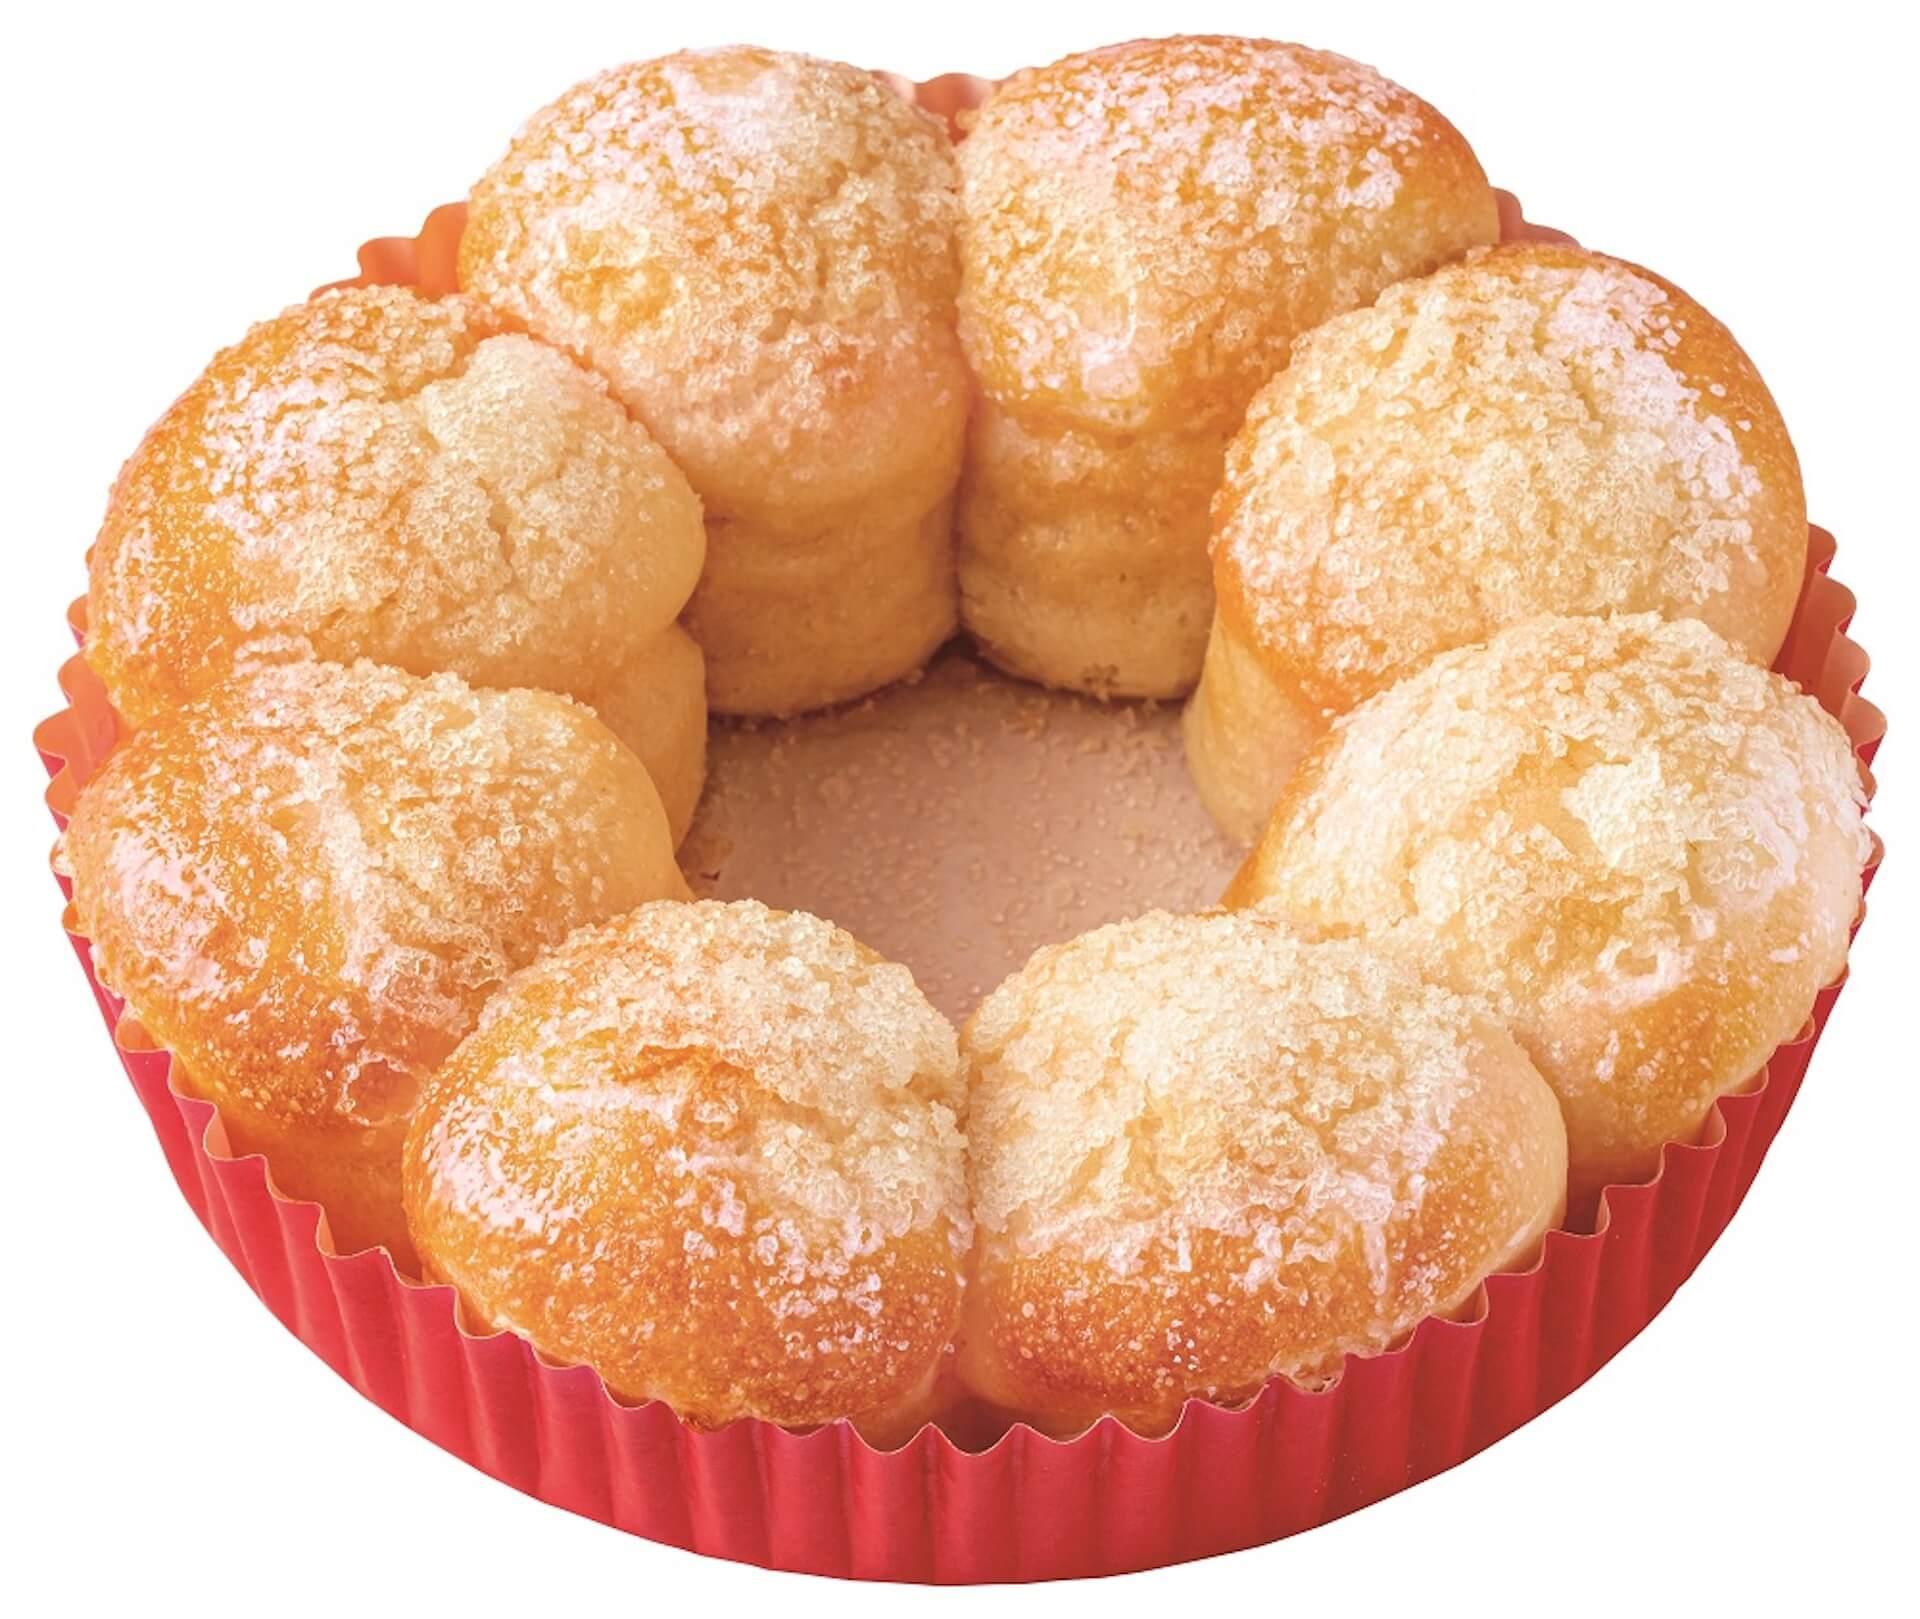 ポン・デ・リングのような新感覚のミスドゴハン!ミスタードーナツで『ポン・デ・ちぎりパン』3種が発売決定 gourmet200616_misterdonuts_3